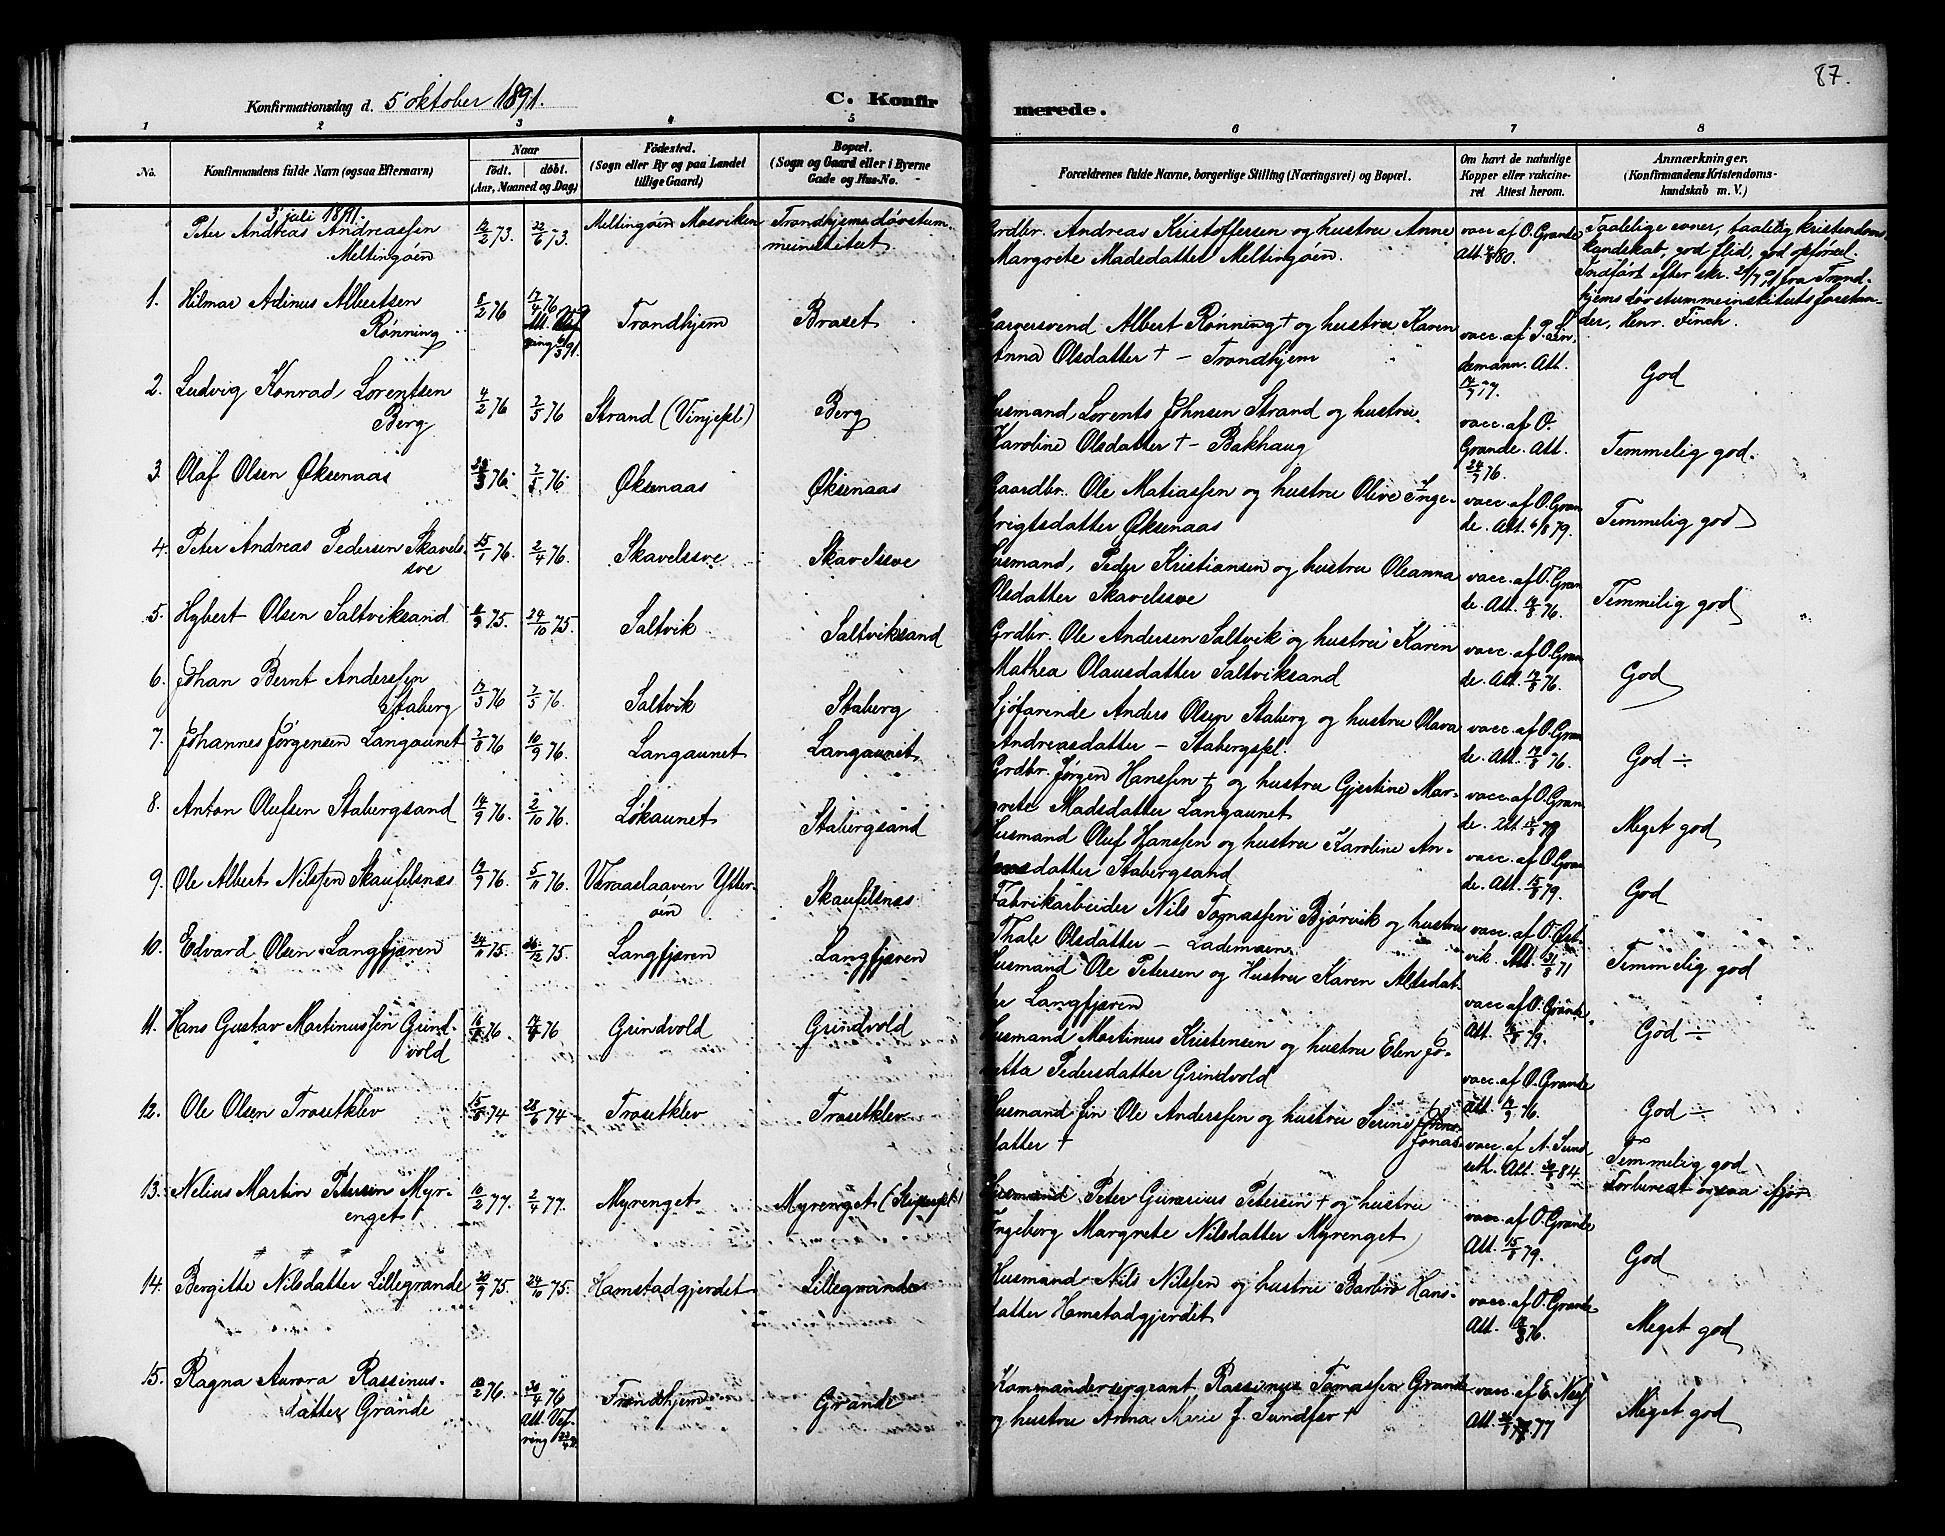 SAT, Ministerialprotokoller, klokkerbøker og fødselsregistre - Nord-Trøndelag, 733/L0327: Klokkerbok nr. 733C02, 1888-1918, s. 87